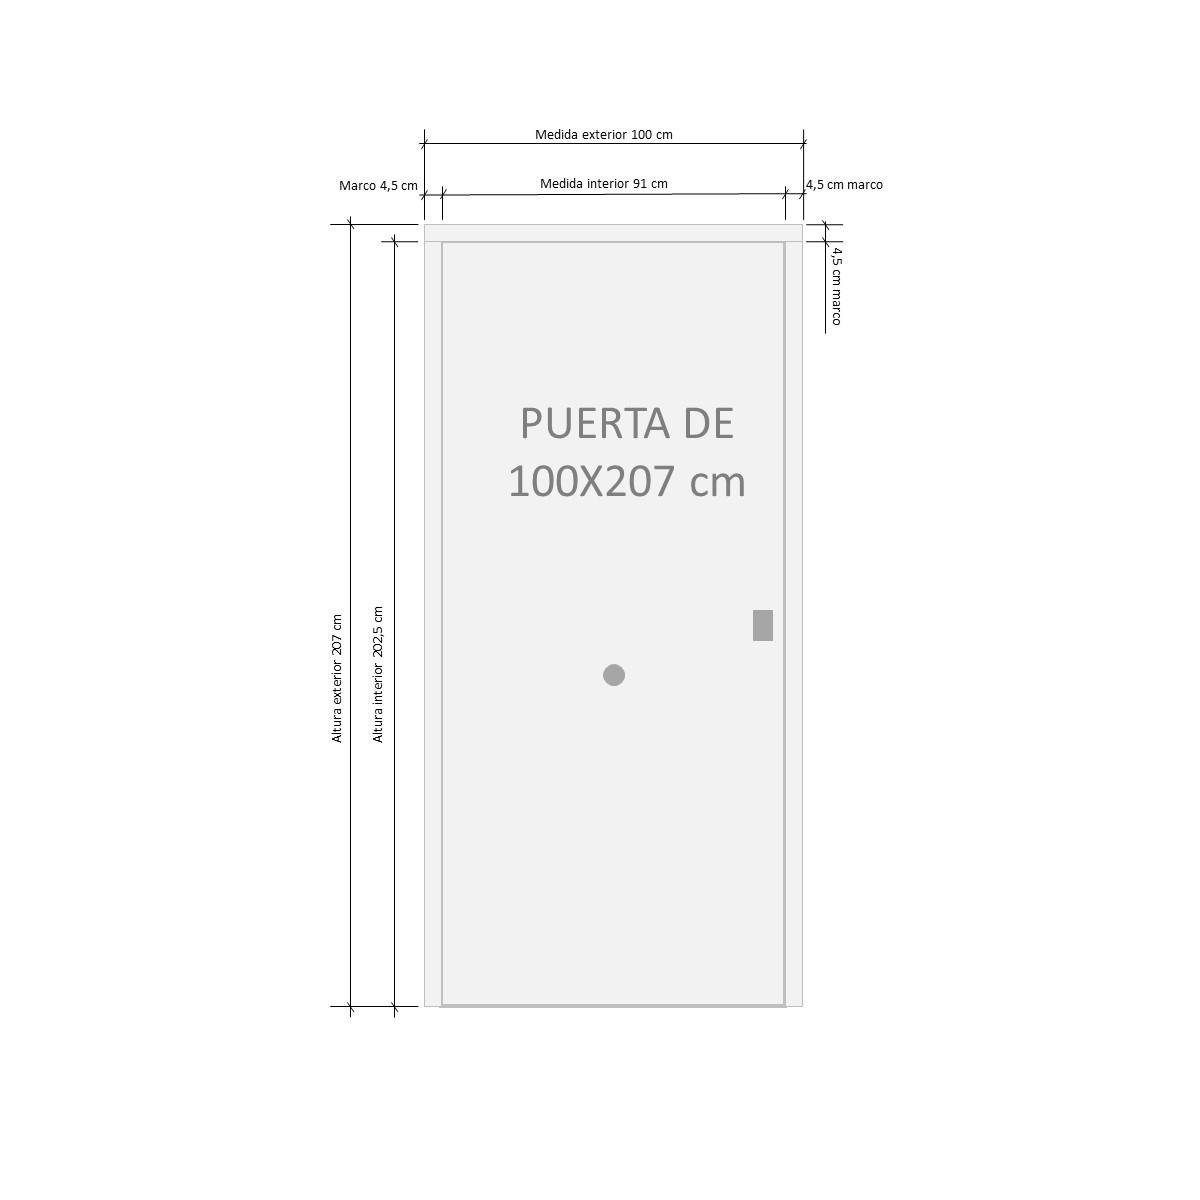 Puertas acorazadas Serie B4-BL Cearco Puerta acorazada Lisa al mejor precio